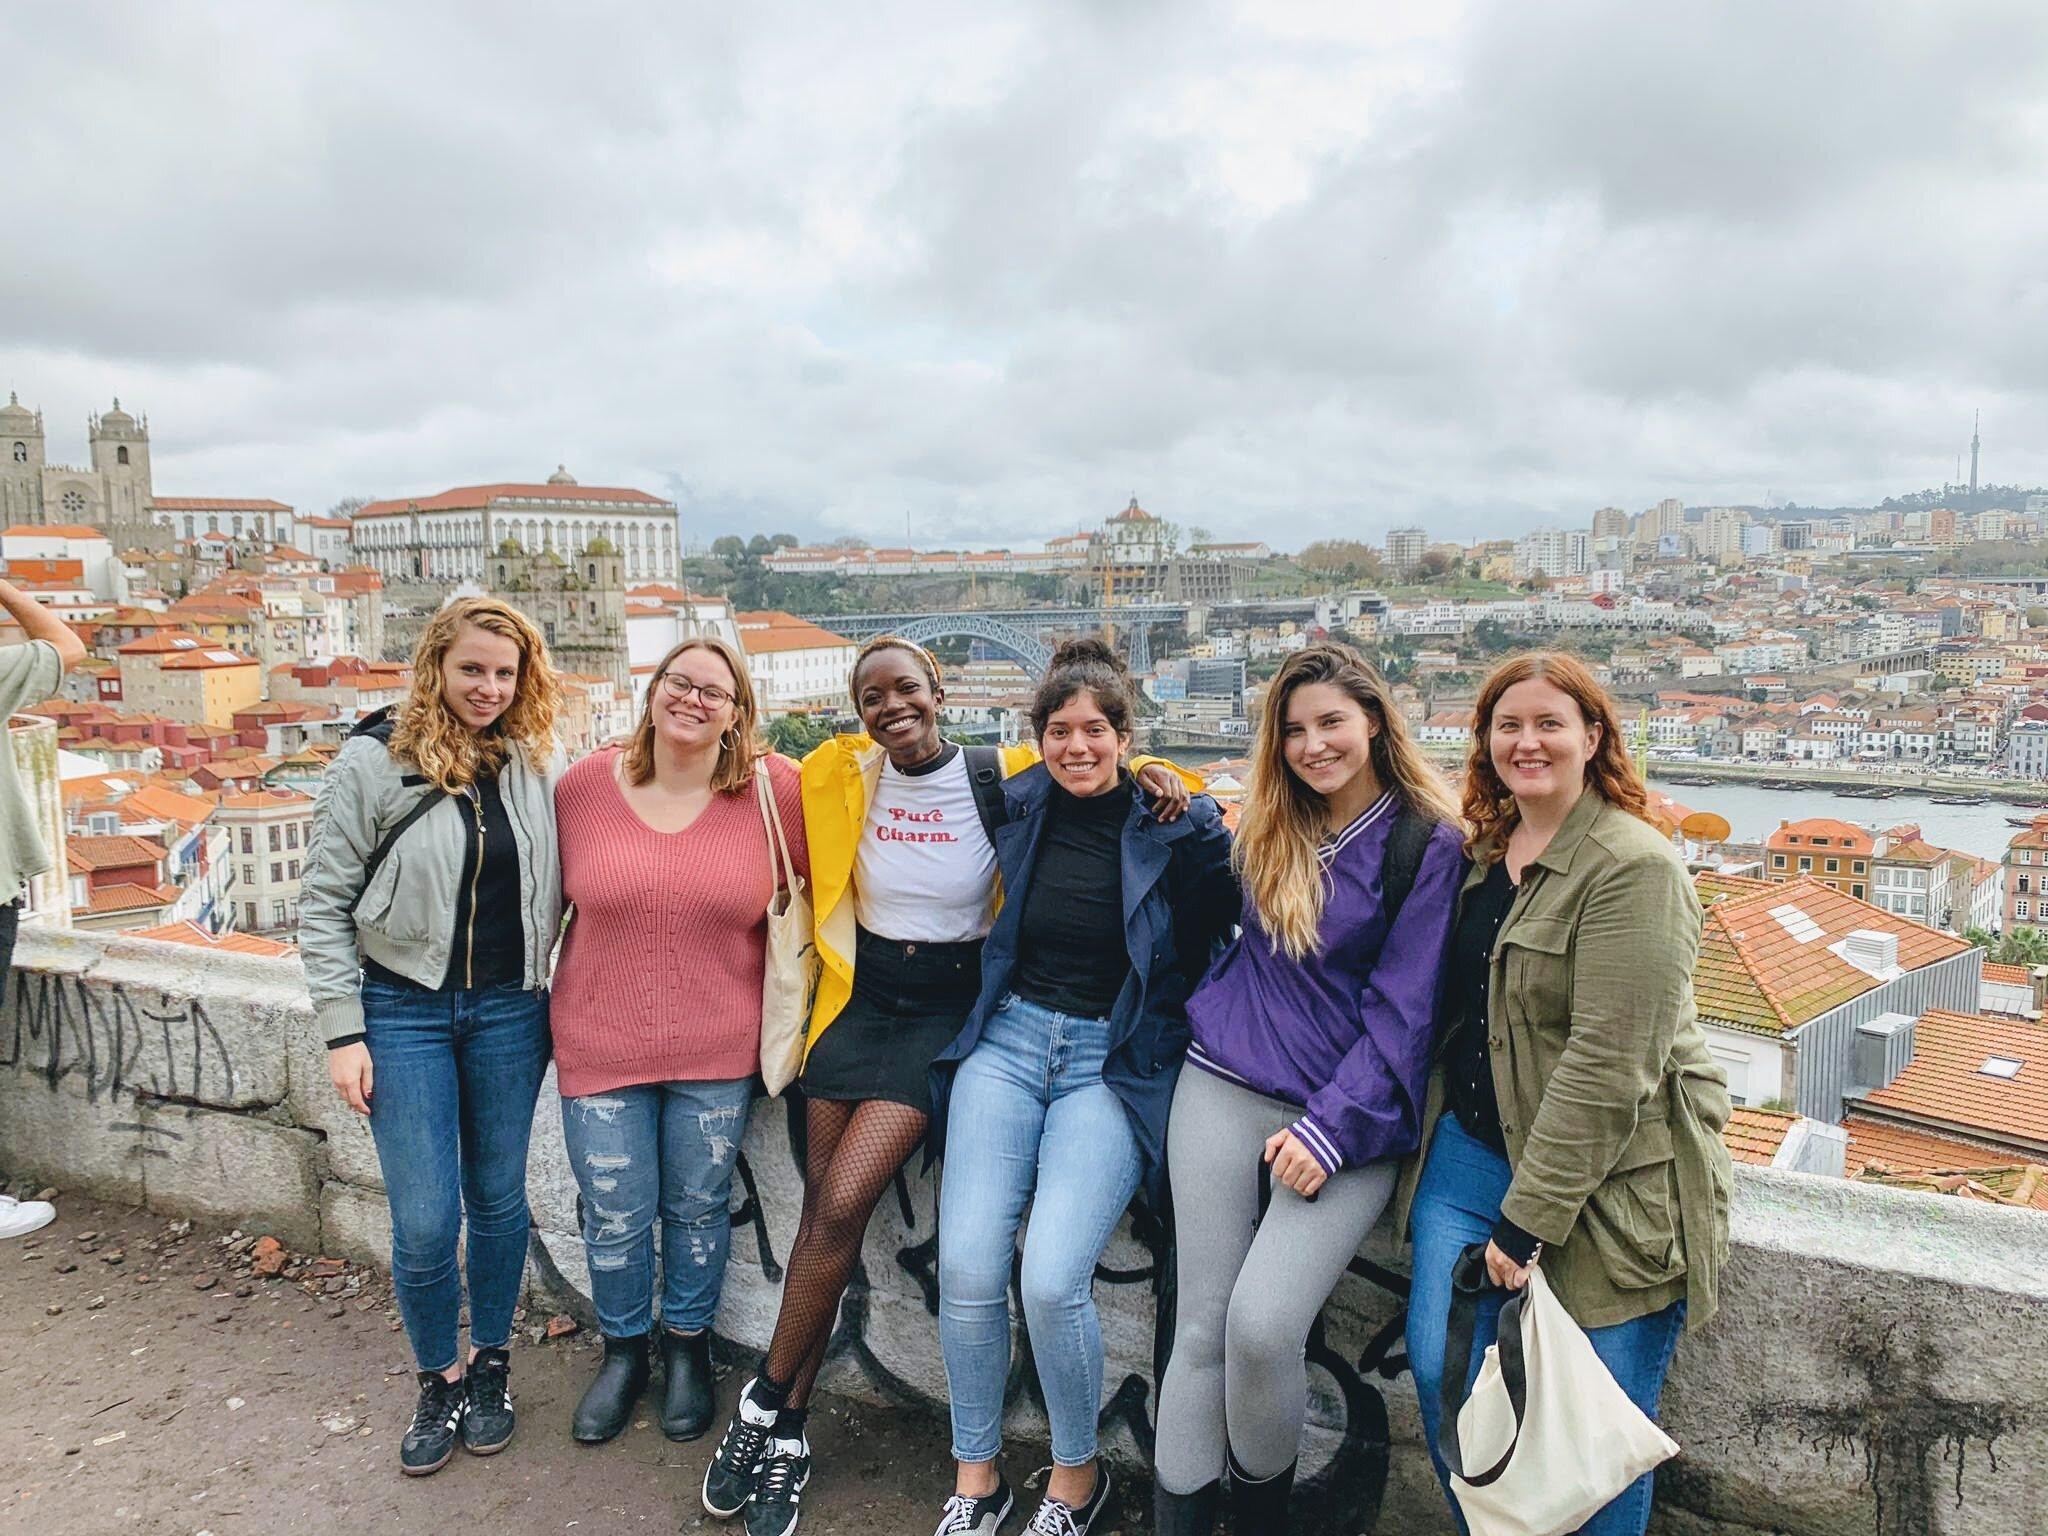 Mirador da Vitória with Maya, Erin, Carla, Anais and Jess (L-R)